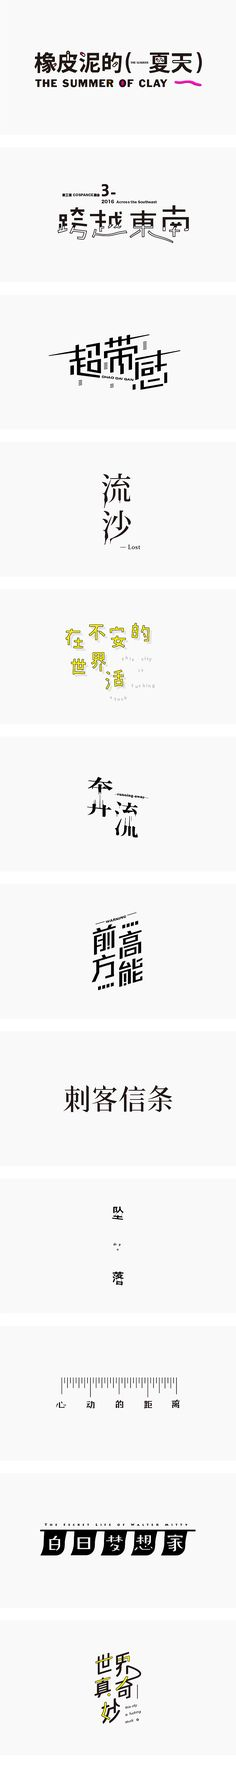 字字字字字字|平面|字体/字形|李飞龙         - 原创作品 - 站酷 (ZCOOL)